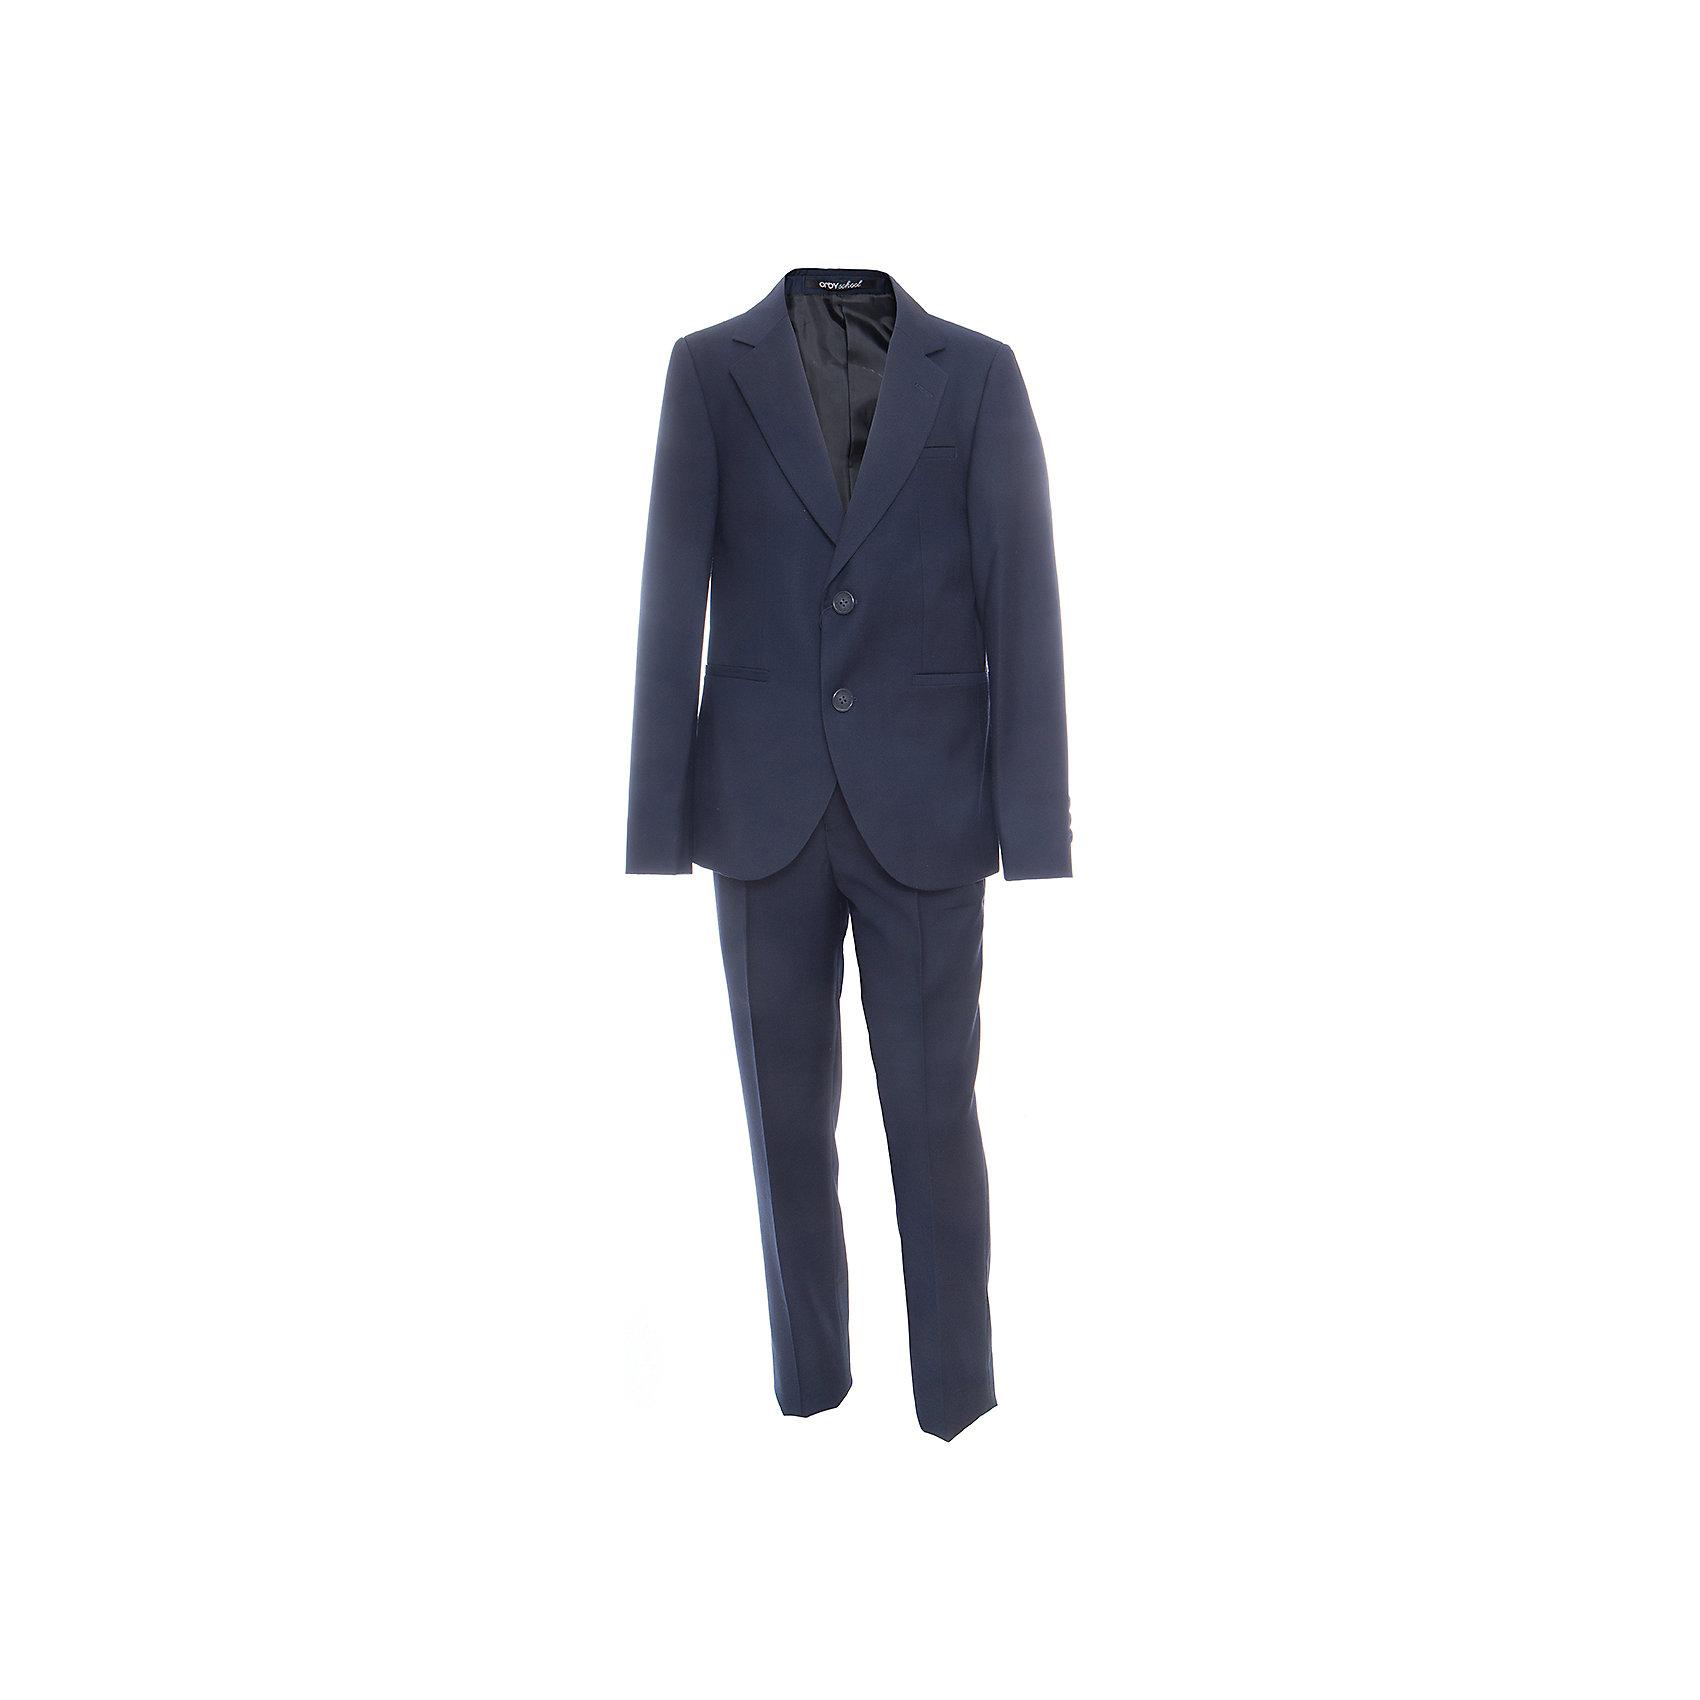 Комплект: пиджак и брюки для мальчика OrbyПиджаки и костюмы<br>Характеристики товара:<br><br>• цвет: синий<br>• состав ткани: 70 % ПЭ, 30% вискоза<br>• комплектация: пиджак, брюки<br>• особенности: школьная, праздничная<br>• застежка пиджака: пуговицы<br>• застежка брюк: молния<br>• регулируемая талия брюк<br>• шлевки для ремня<br>• сезон: круглый год<br>• страна бренда: Россия<br>• страна изготовитель: Россия<br><br>Классический костюм для школы может также быть отличным вариантом наряда на торжественные мероприятия.<br><br>Школьная одежда бывает удобной и красивой. Детский костюм-двойка Orby поможет ребенку чувствовать себя комфортно и выглядеть модно.<br><br>Комплект: пиджак и брюки для мальчика Orby (Орби) можно купить в нашем интернет-магазине.<br><br>Ширина мм: 215<br>Глубина мм: 88<br>Высота мм: 191<br>Вес г: 336<br>Цвет: синий<br>Возраст от месяцев: 144<br>Возраст до месяцев: 156<br>Пол: Мужской<br>Возраст: Детский<br>Размер: 158,164,122,128,134,140,146,152<br>SKU: 6960948